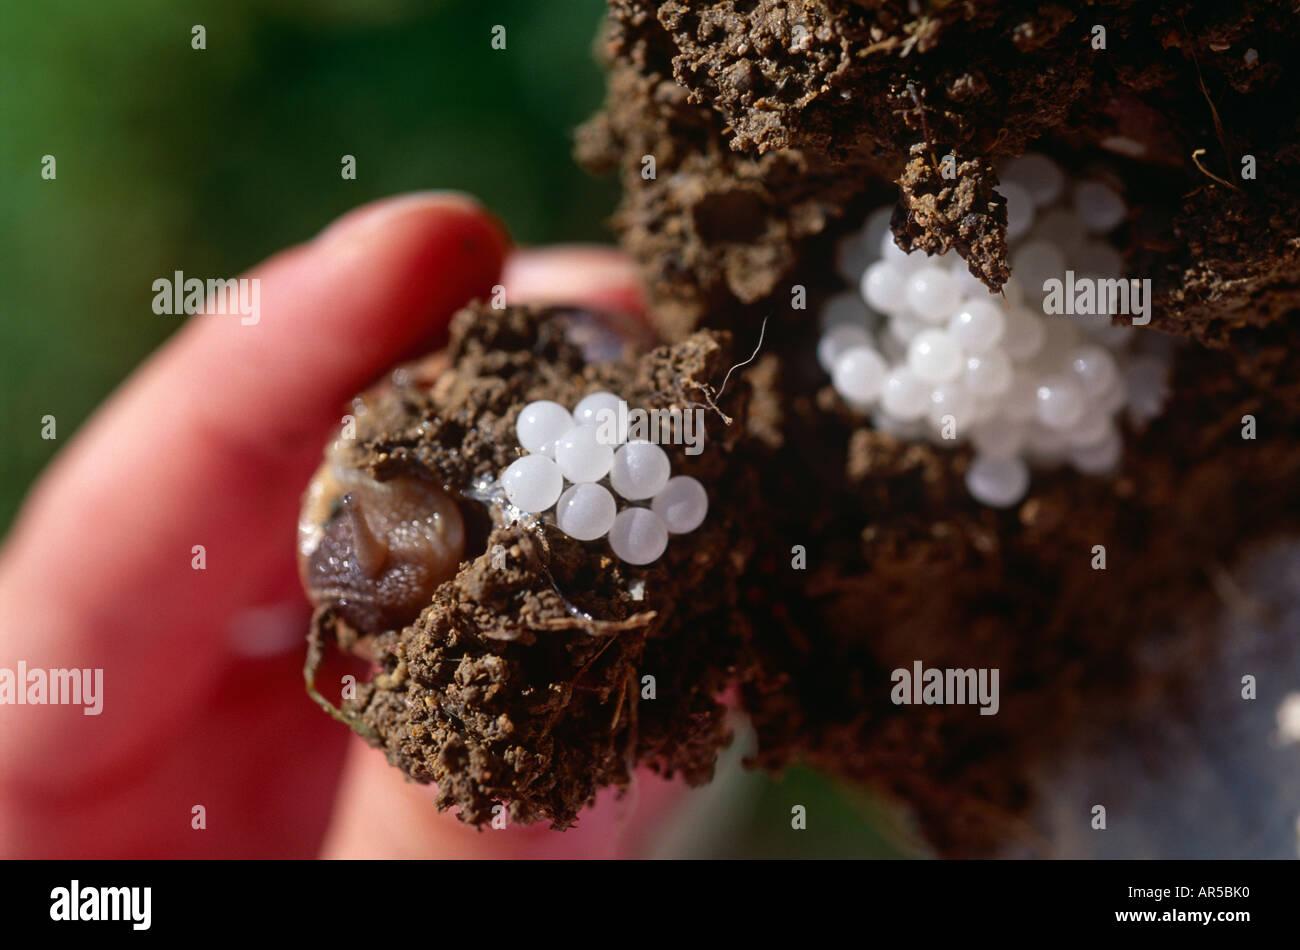 Francia Suroeste de Tarn et Garonne Petit gris caracol y sus blancos diminutos huevos de caracol. Un manjar. Establece unos 100 huevos Imagen De Stock